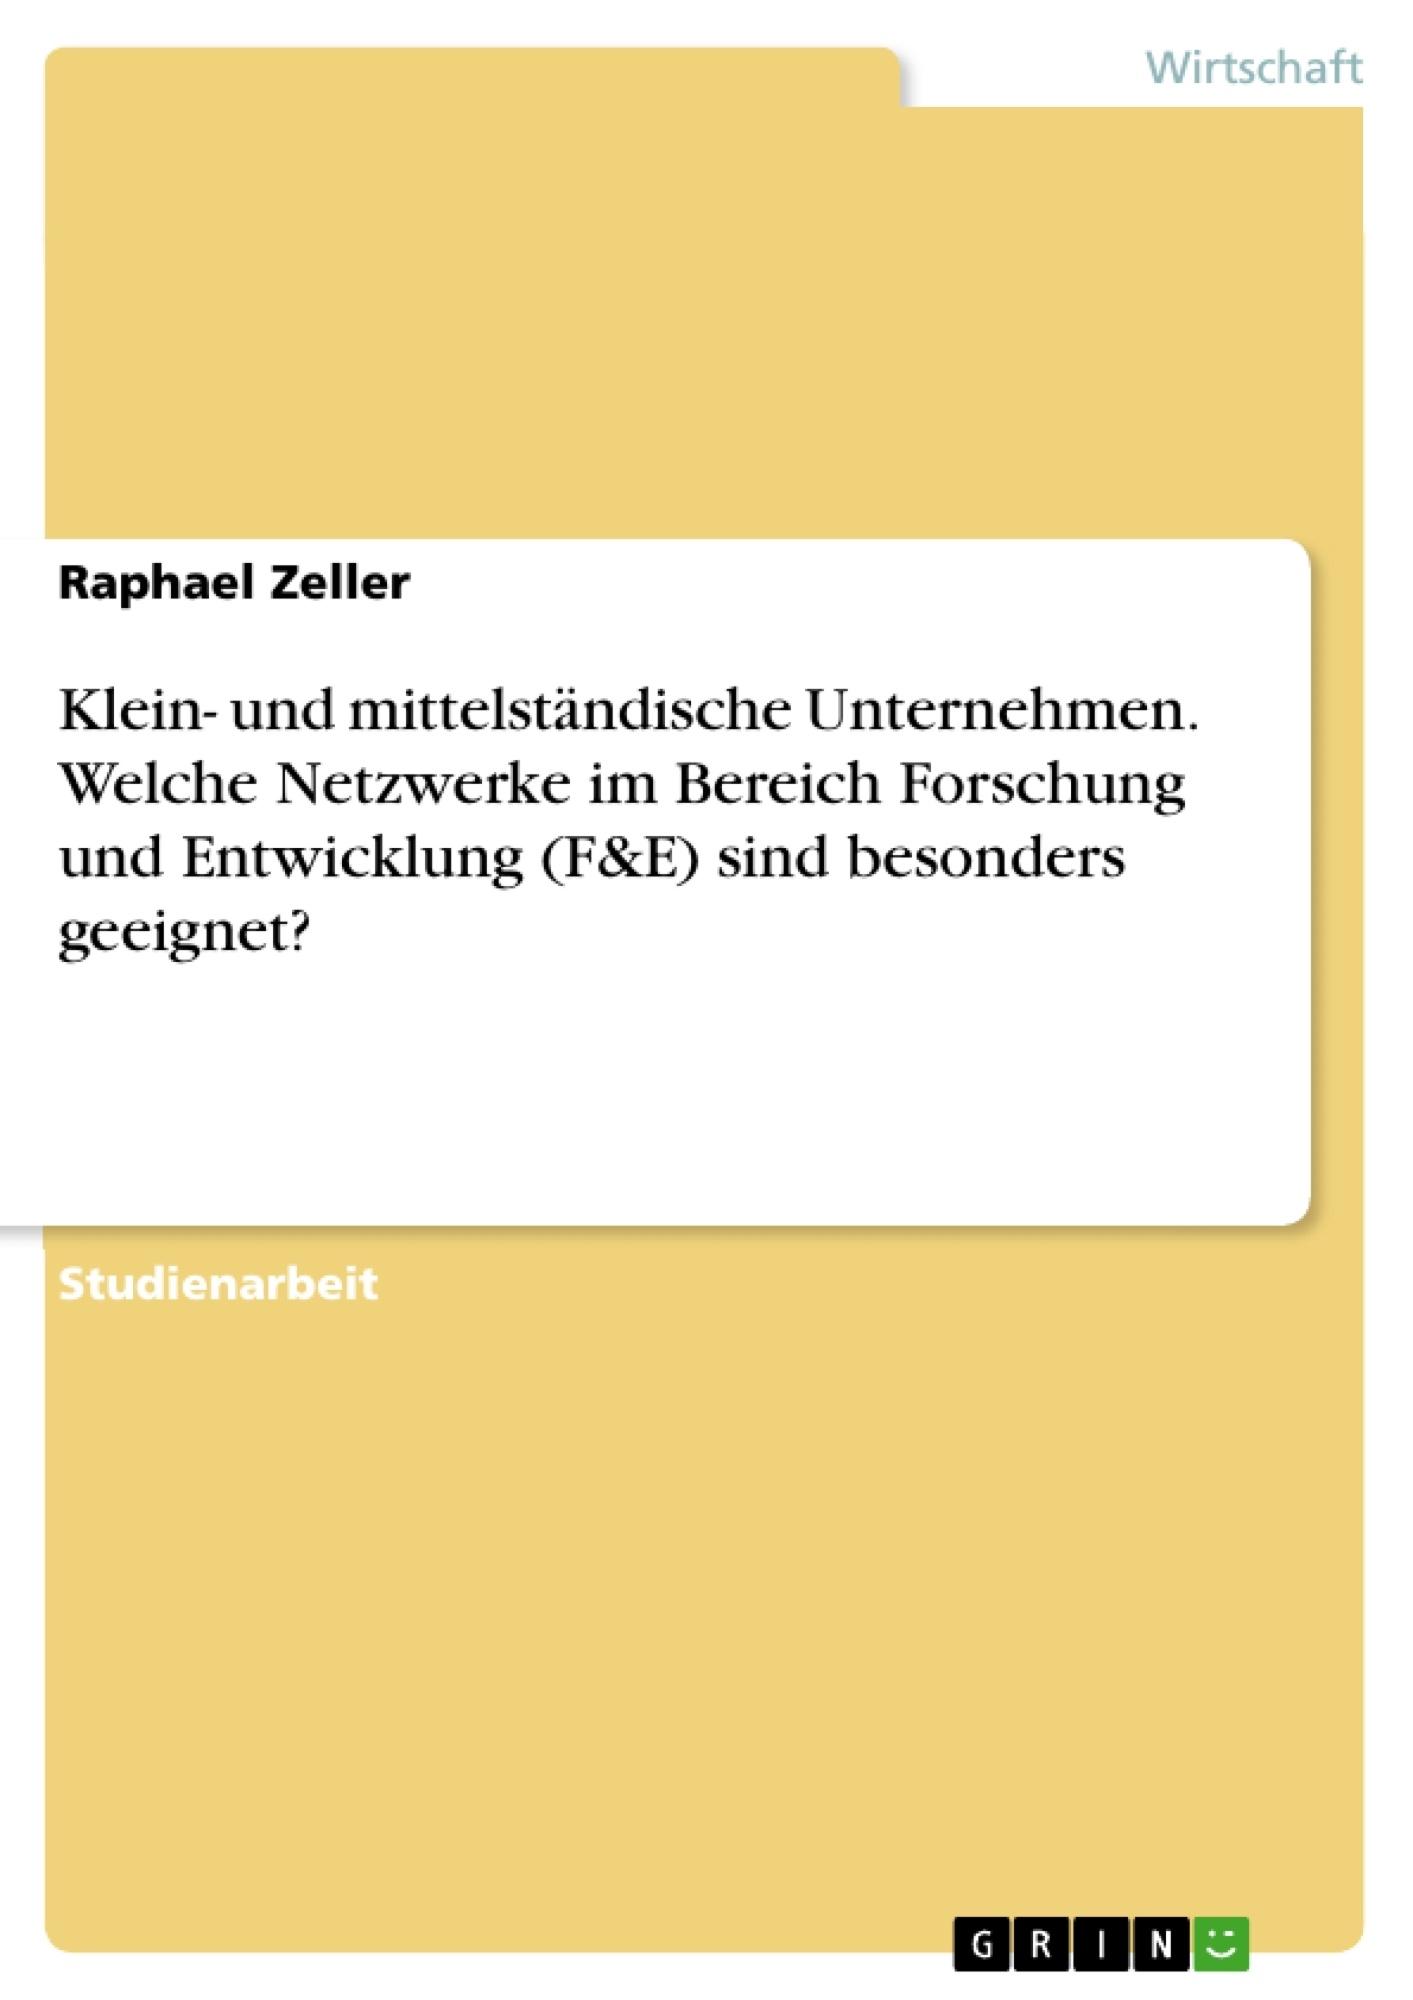 Titel: Klein- und mittelständische Unternehmen. Welche Netzwerke im Bereich Forschung und Entwicklung (F&E) sind besonders geeignet?